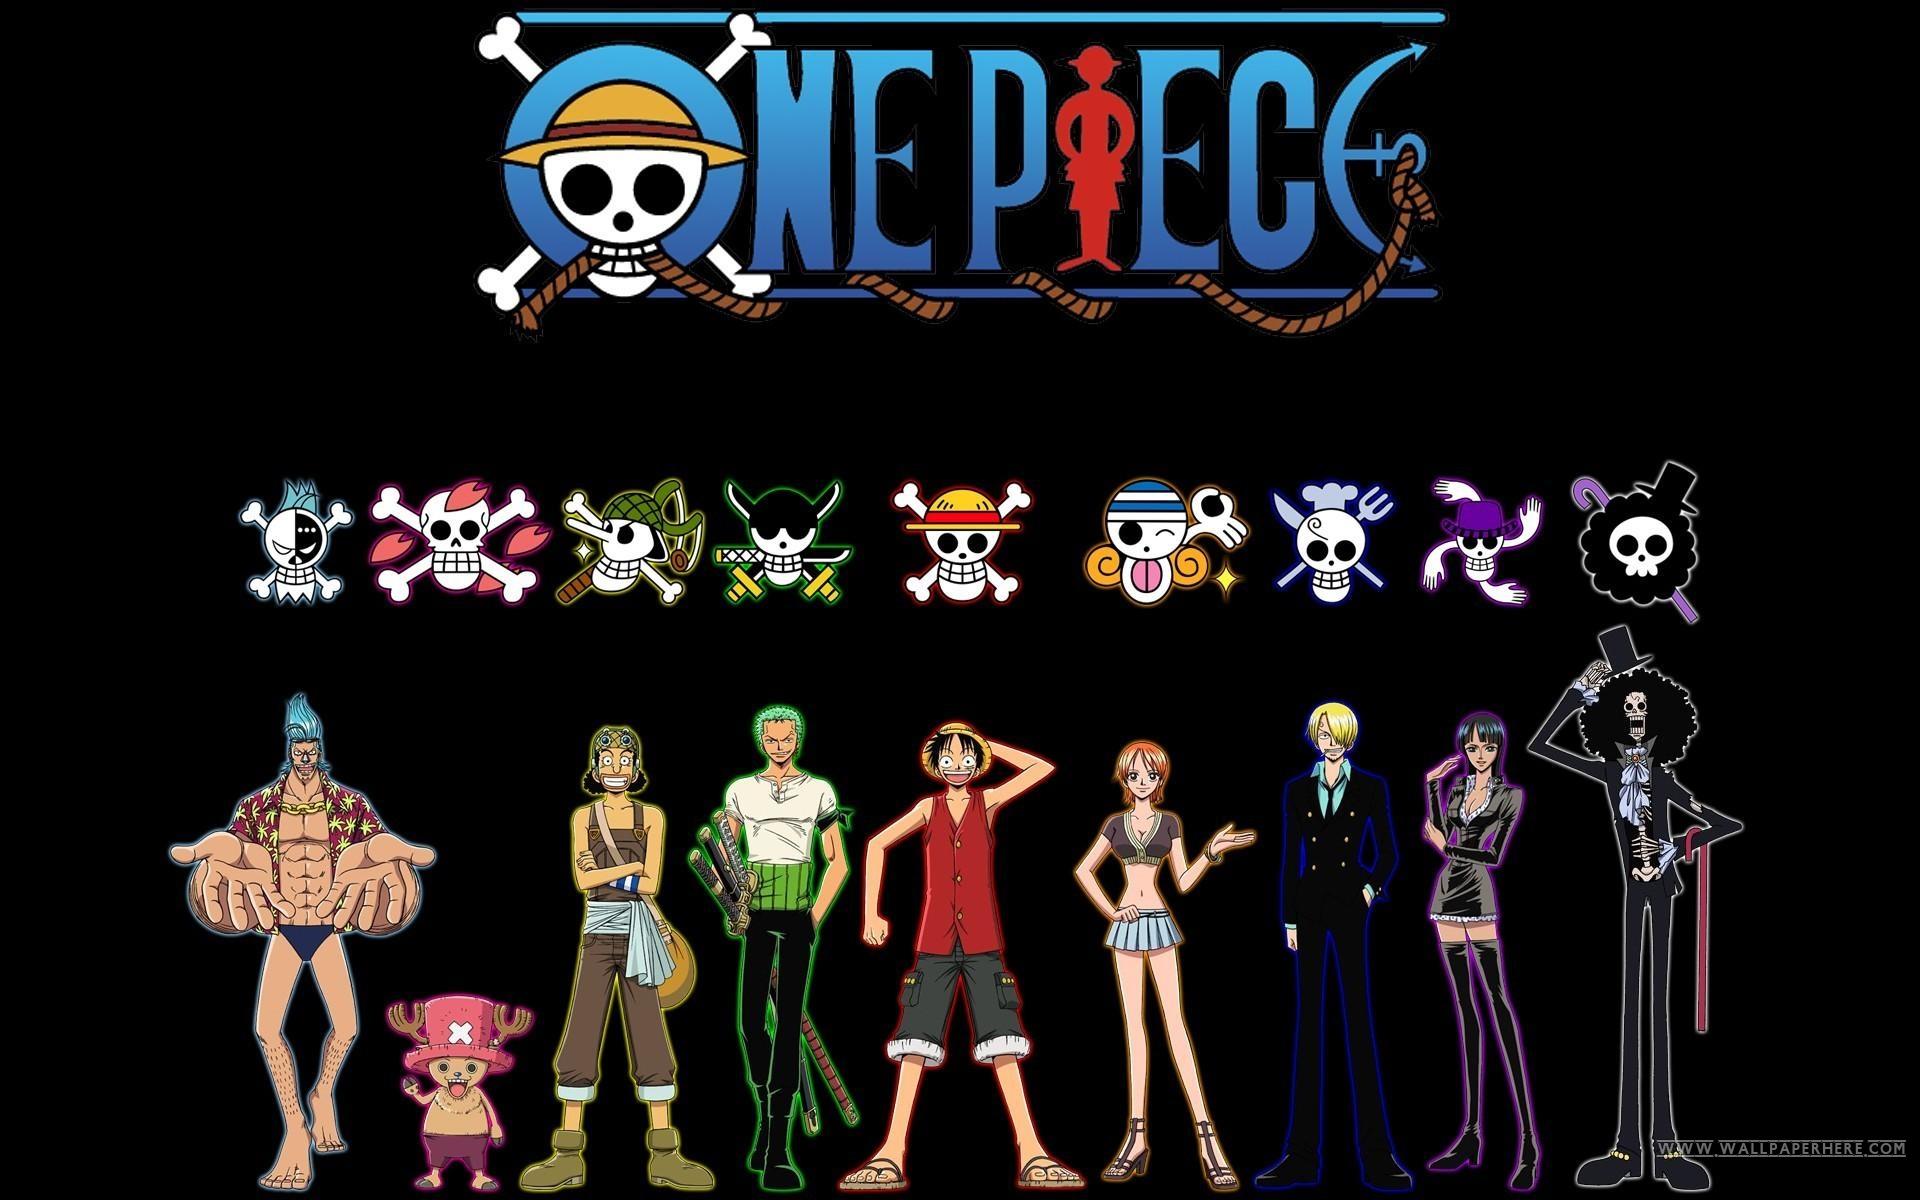 Shizuka Wallpaper 3d Cool One Piece Wallpaper Wallpup Com